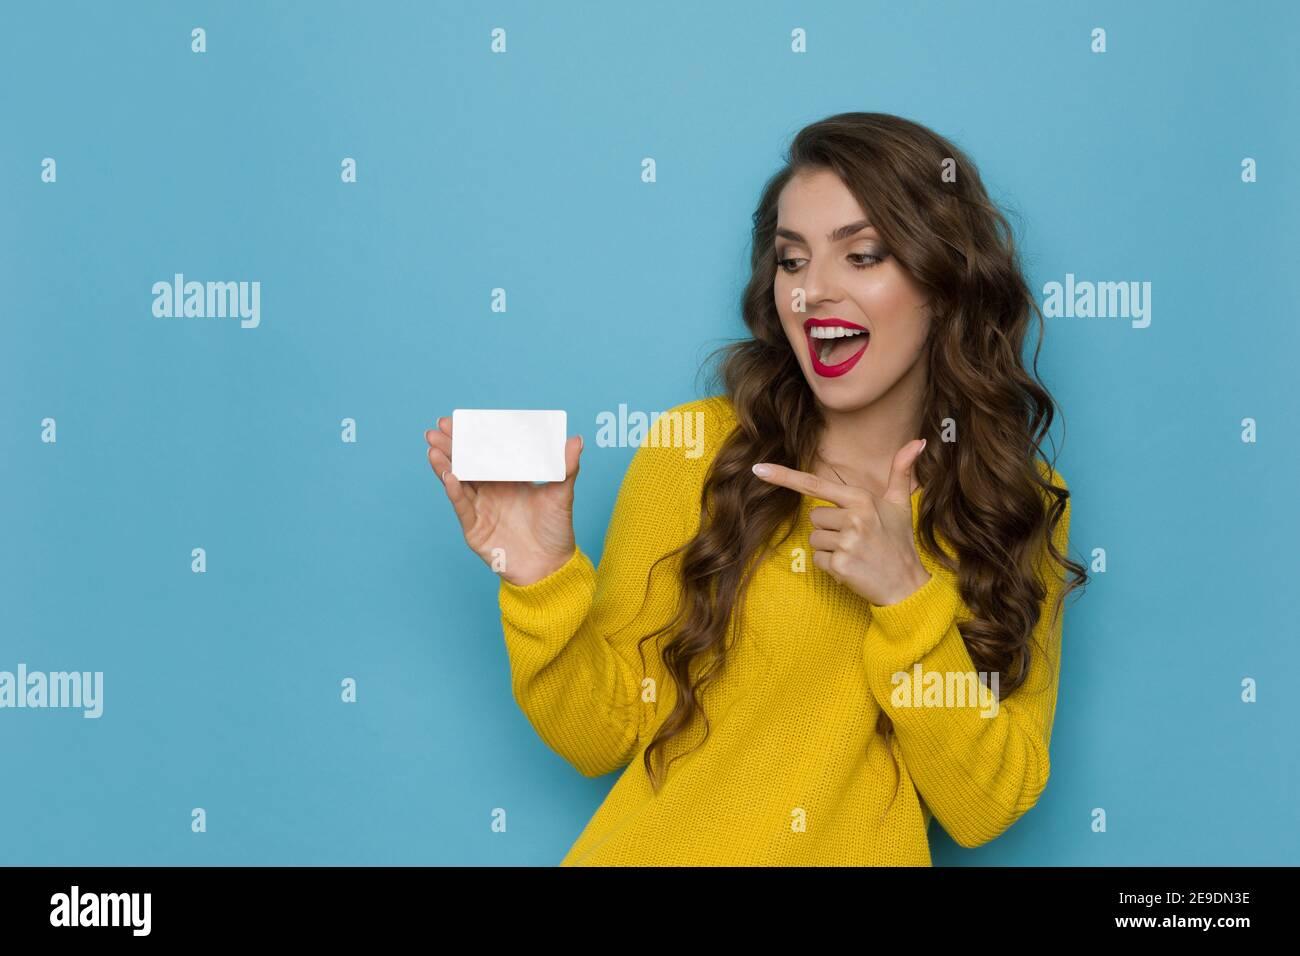 Une jeune femme excitée et heureuse en chandail jaune tient une carte en plastique blanc, pointant vers elle et parlant. Taille haute studio tourné sur fond bleu. Banque D'Images